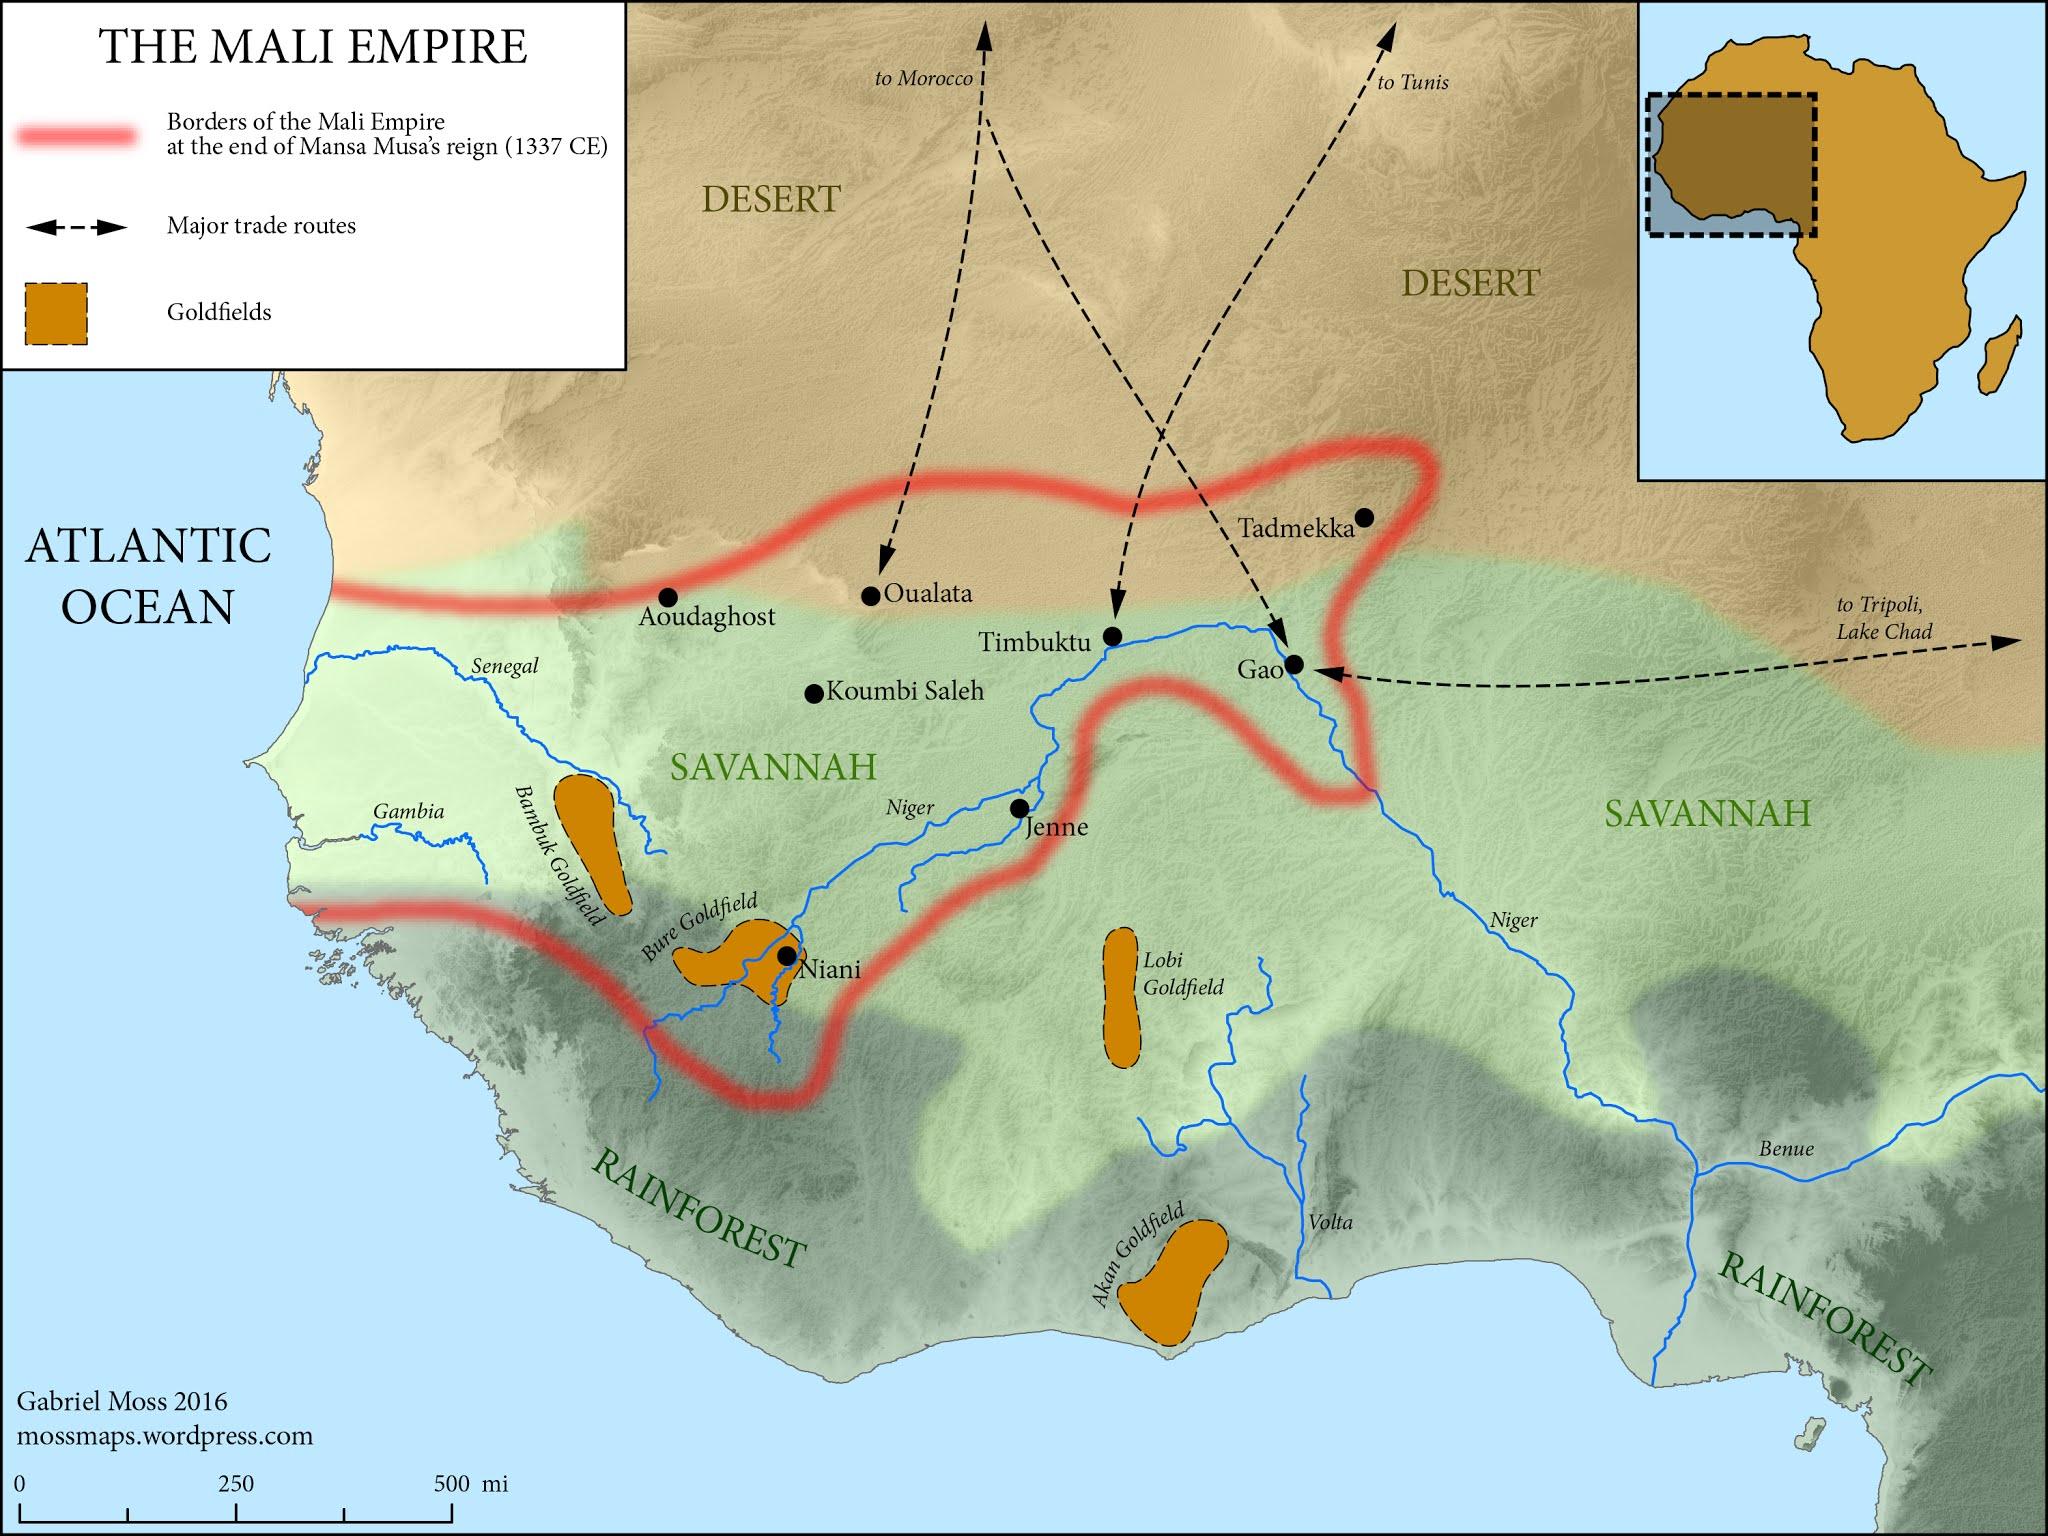 El imperio de Mali en la época de Mansa Musa